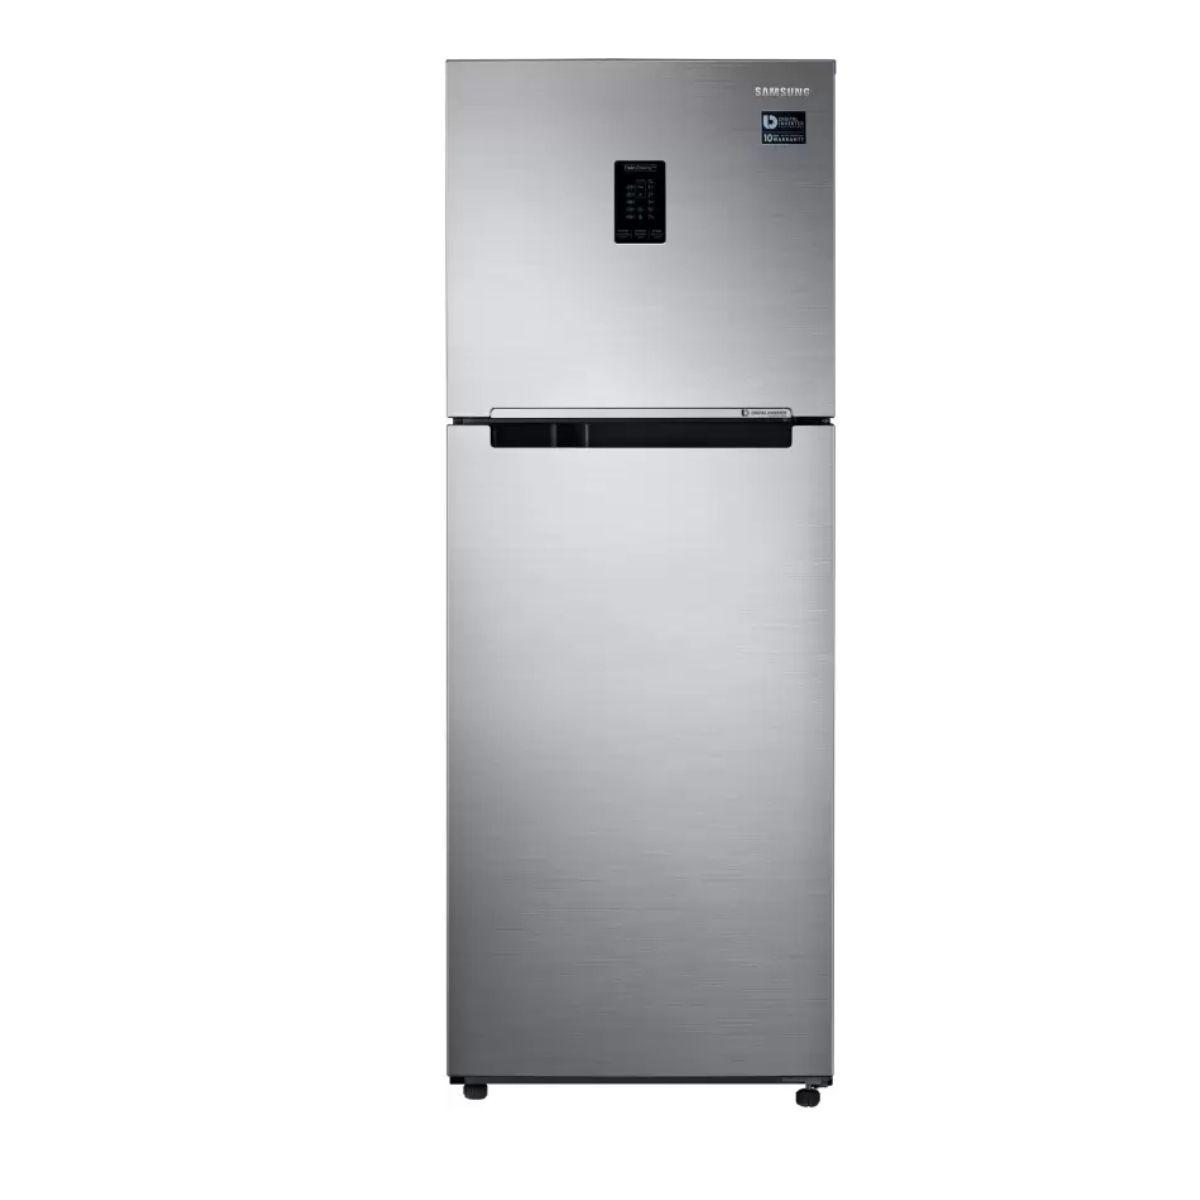 சேம்சங் 253 L Frost Free Double Door 3 Star கன்வெர்ட்டிபிள் Refrigerator (RT28T3743S8/HL)